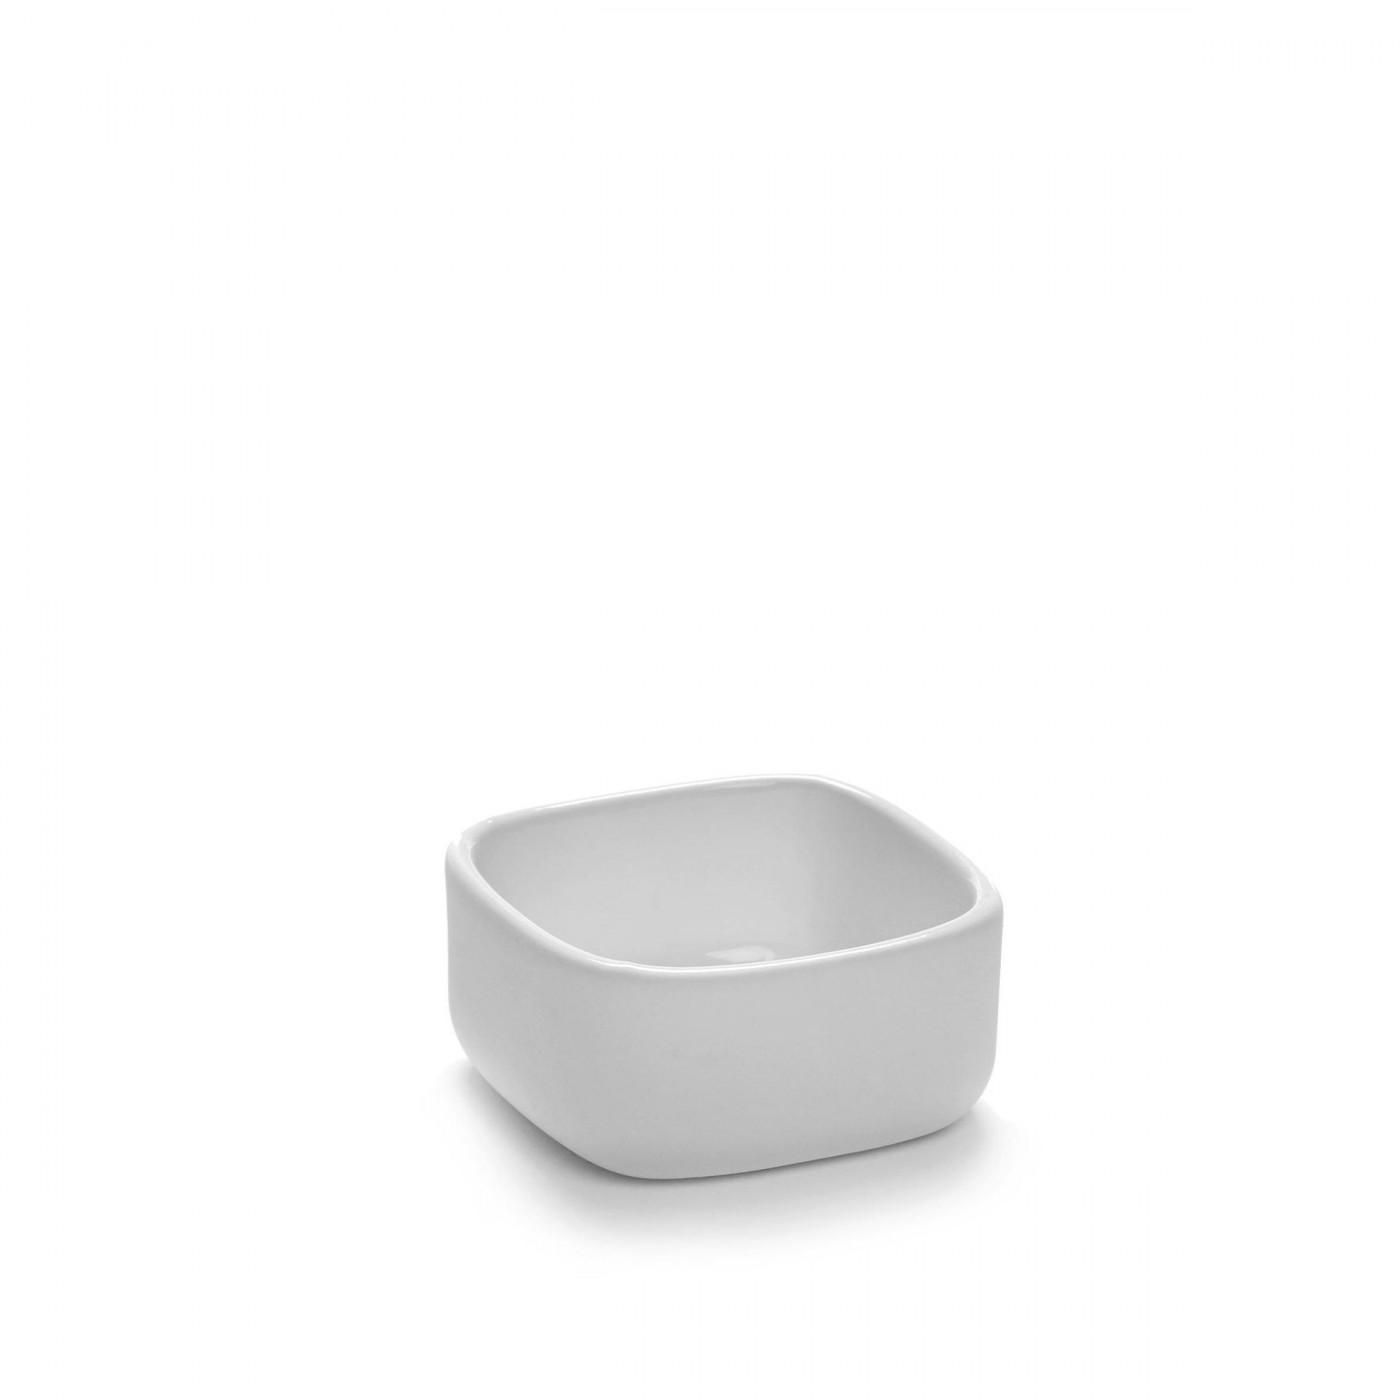 Bol carré en porcelaine blanche 6x6cm H3cm